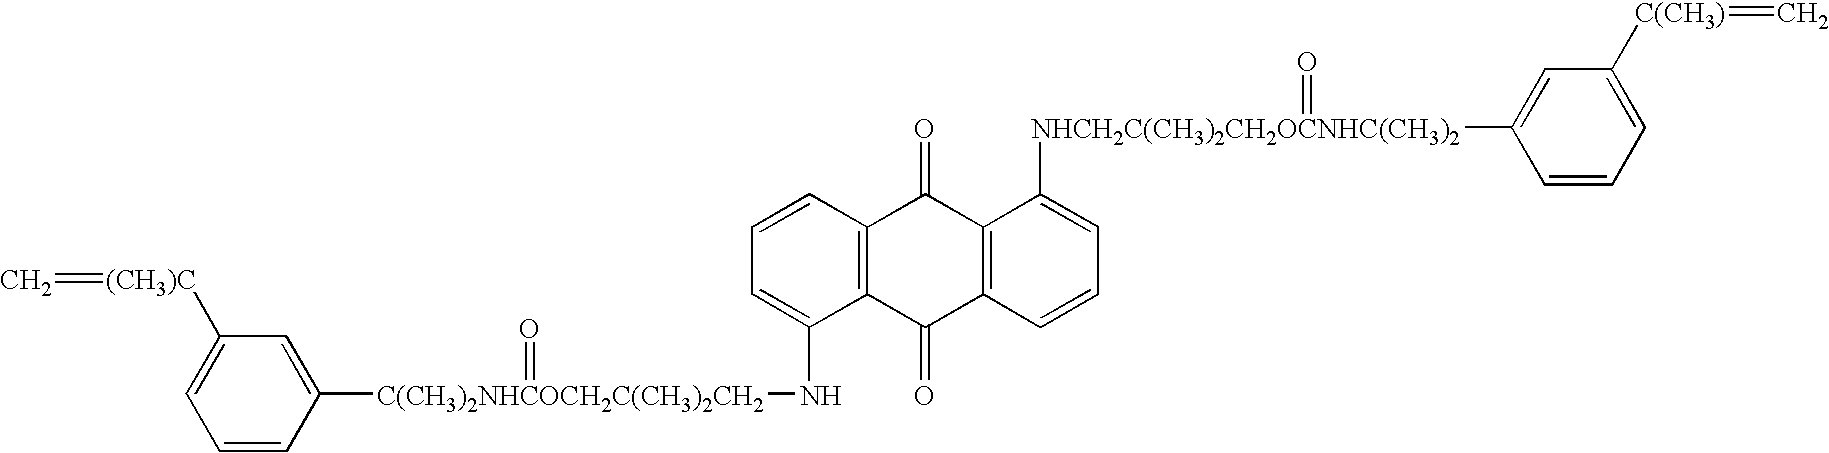 Figure US07141685-20061128-C00017